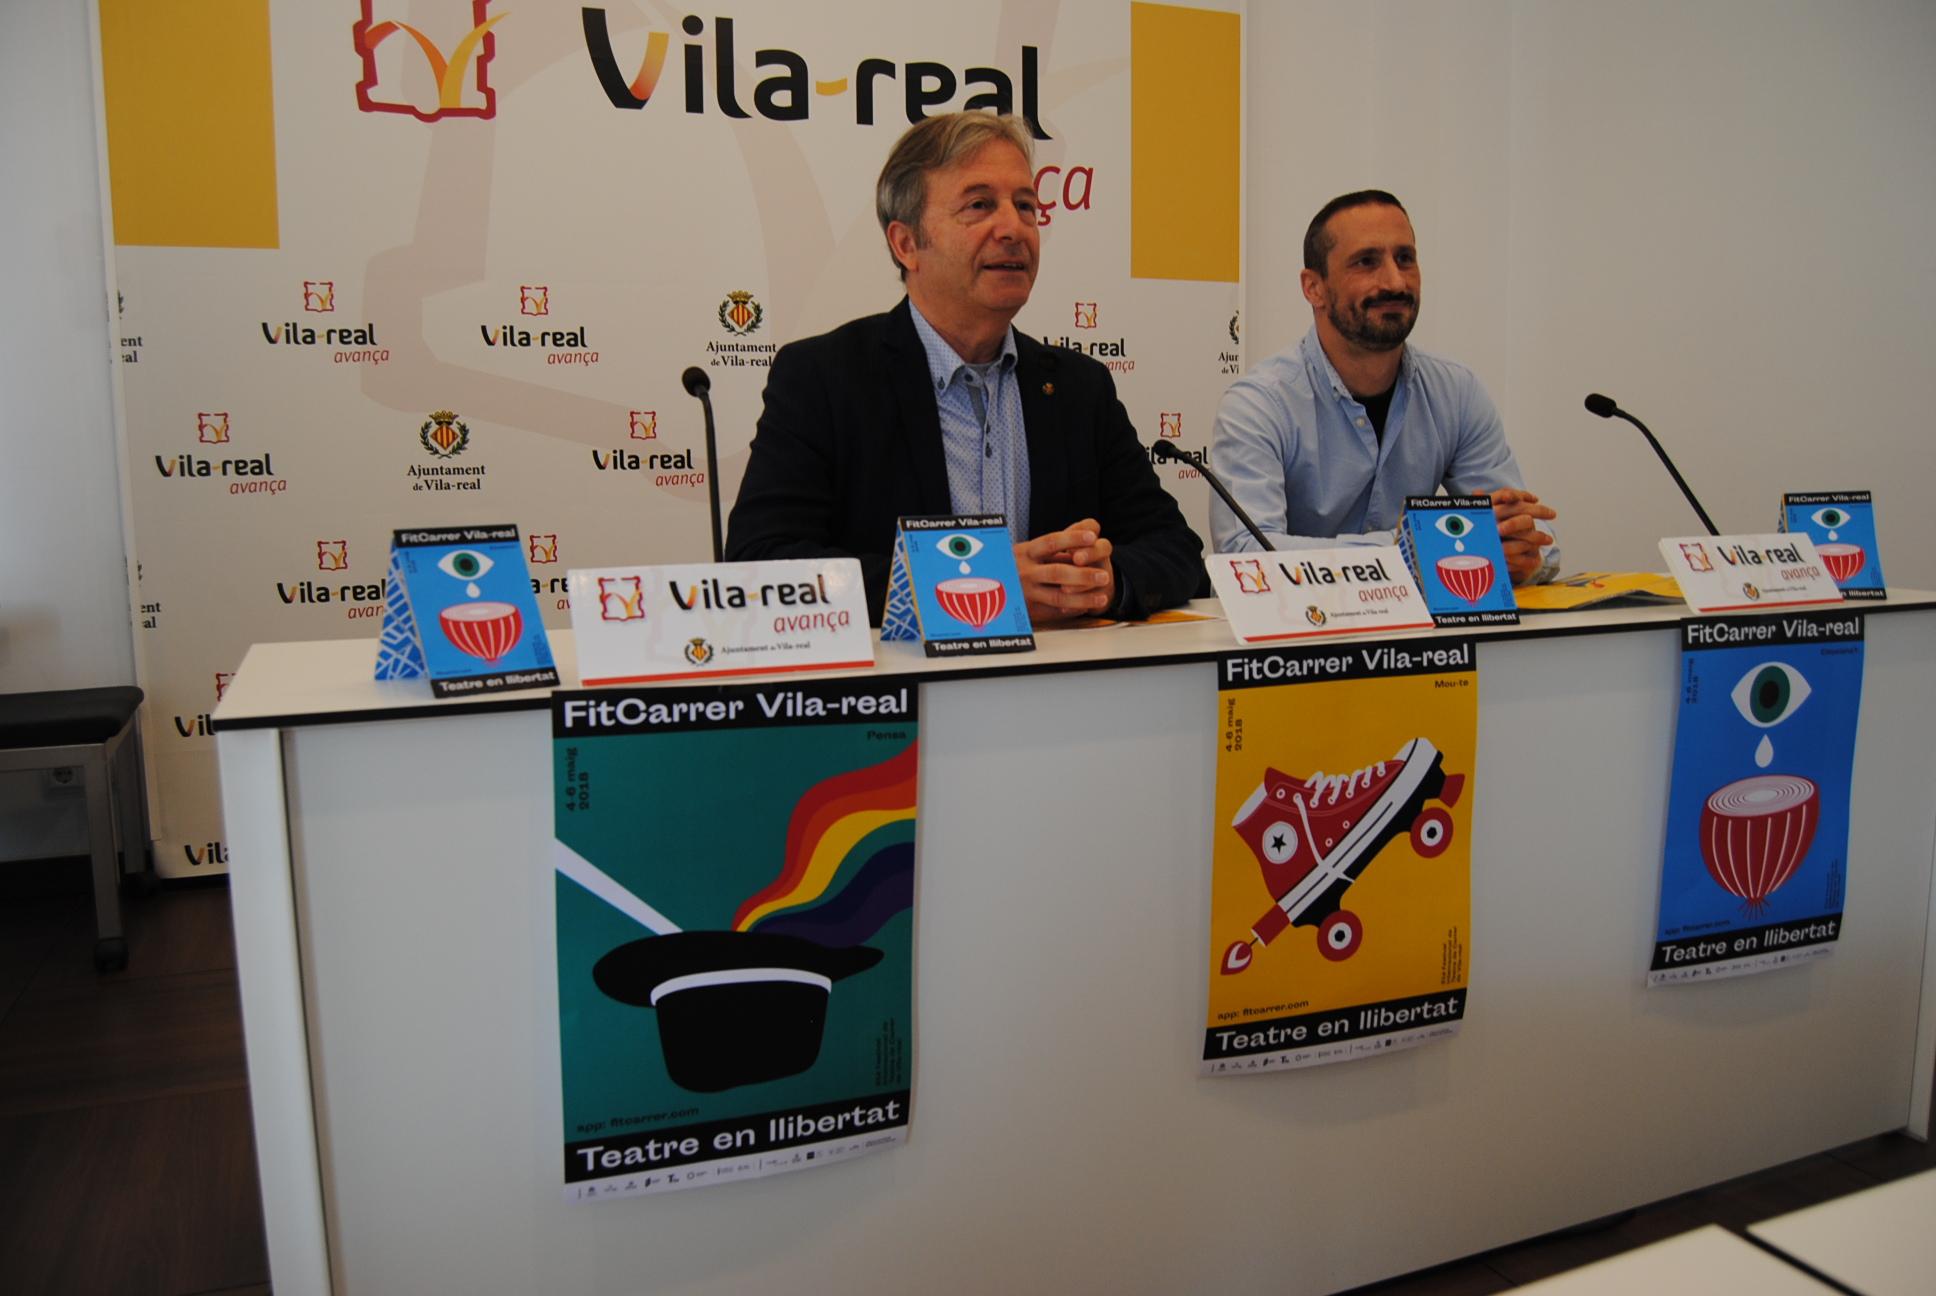 La 31ª edición del FITCarrer congrega en Vila-real a 21 compañías de todo el mundo bajo el lema 'Teatre en llibertat'.